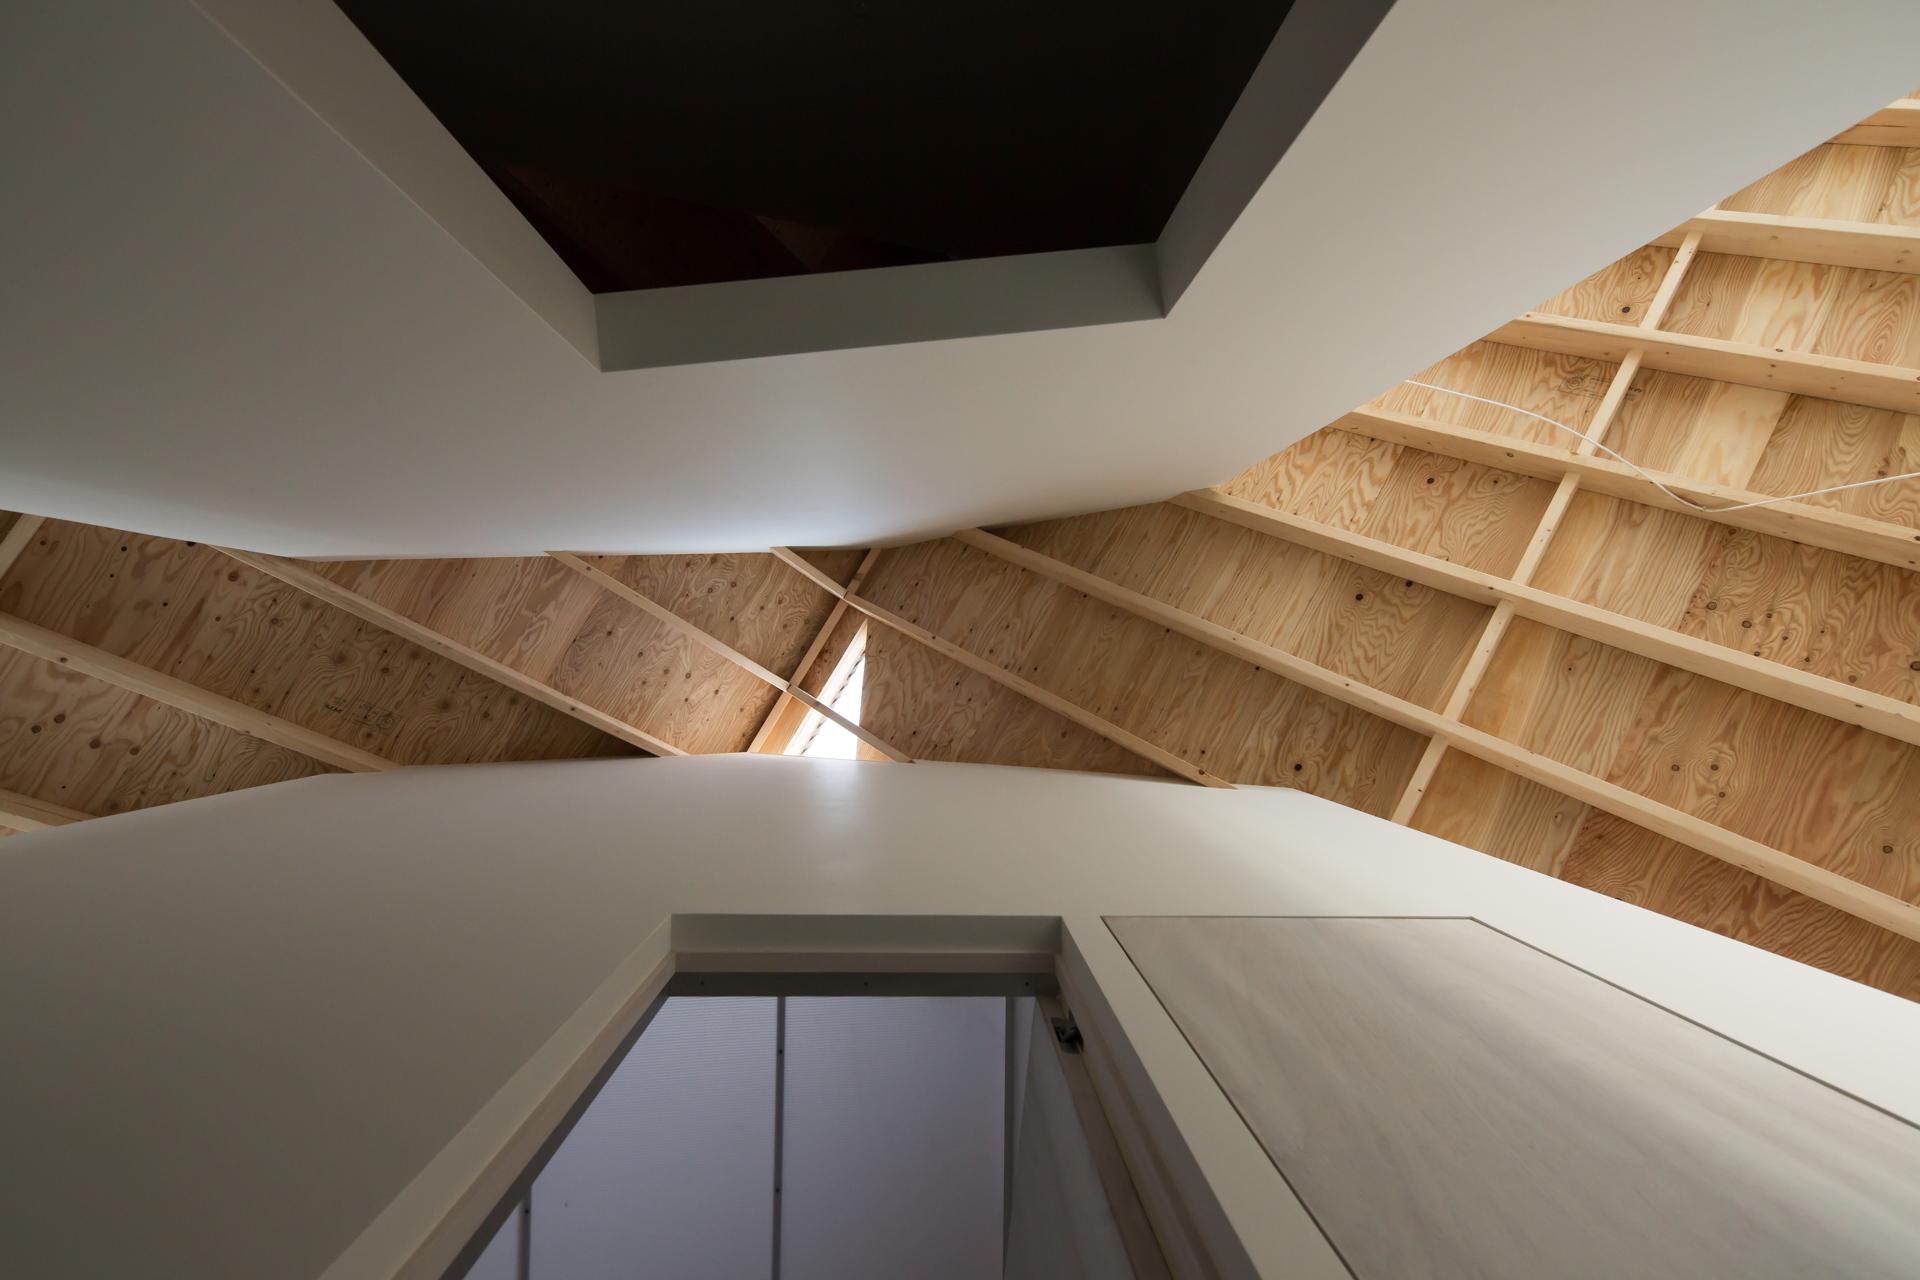 Nhà ở gây thương nhớ với thiết kế lấy cảm hứng từ hình dạng của viên kim cương - Ảnh 7.